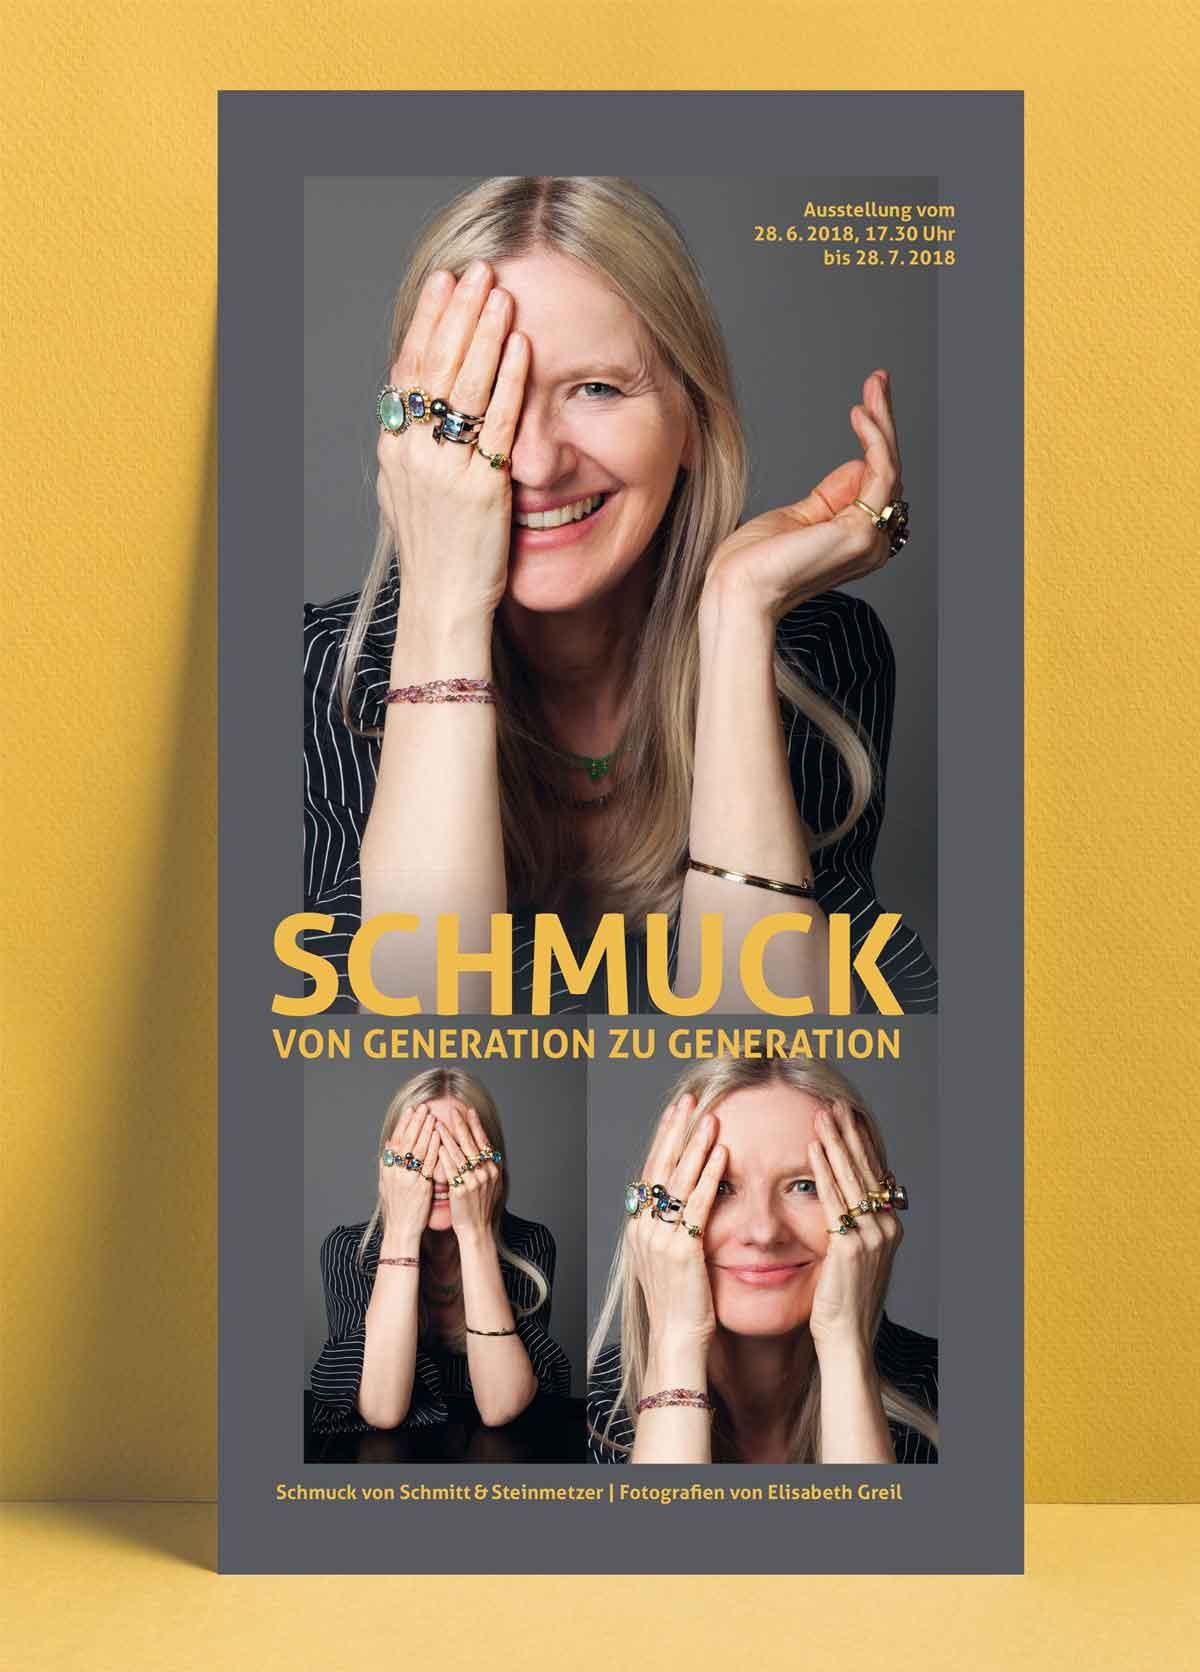 Schmitt Steinmetzer Einladung - c-c-design.de